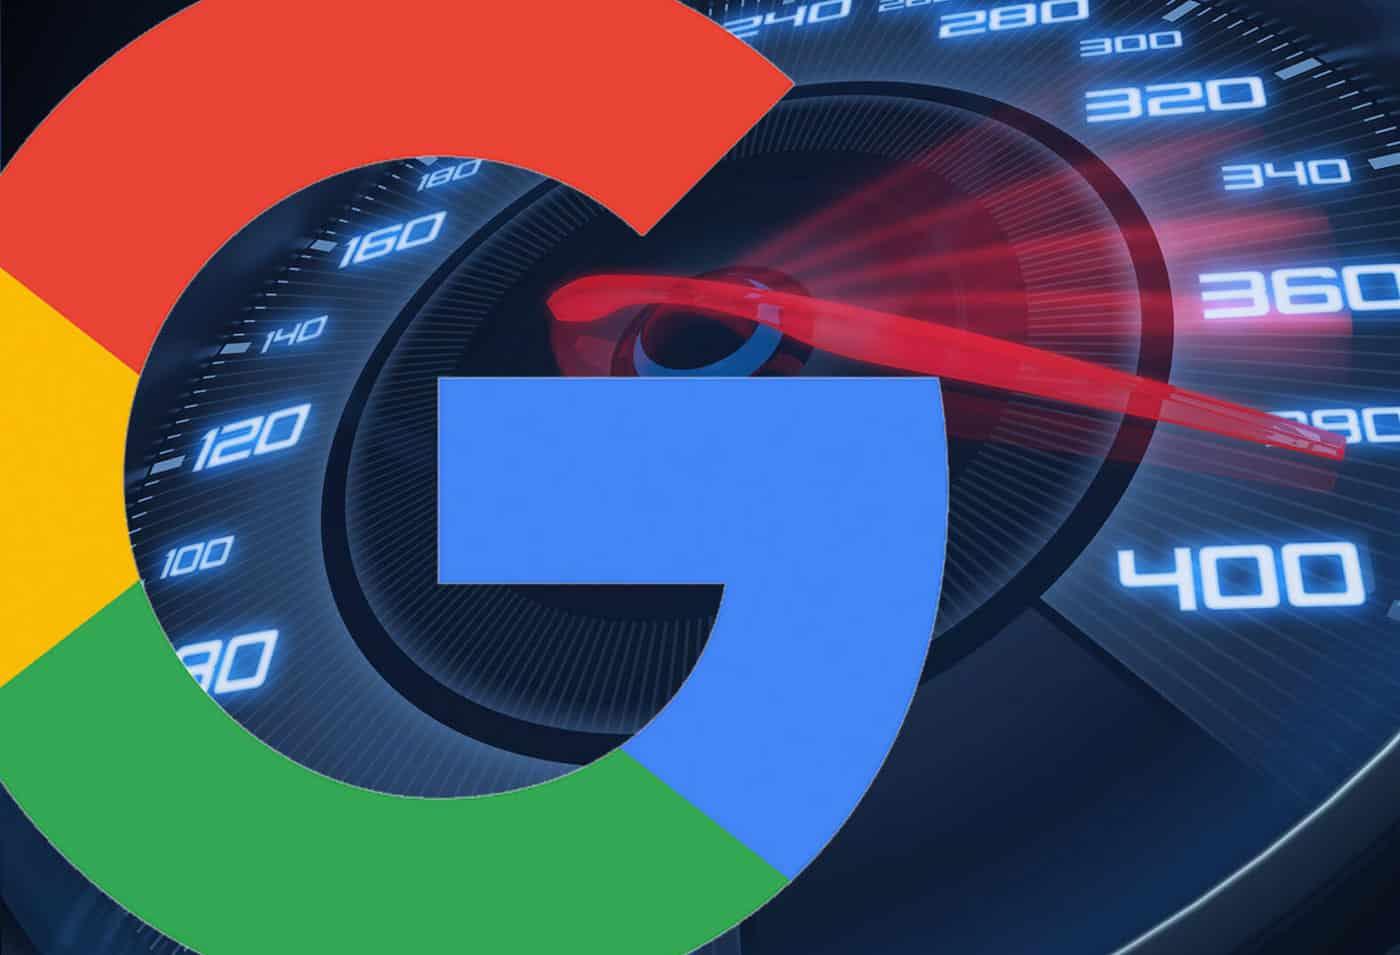 Agenzia SEO Milano | Agenzia SEO | SEO Agency | Posizionamento Google